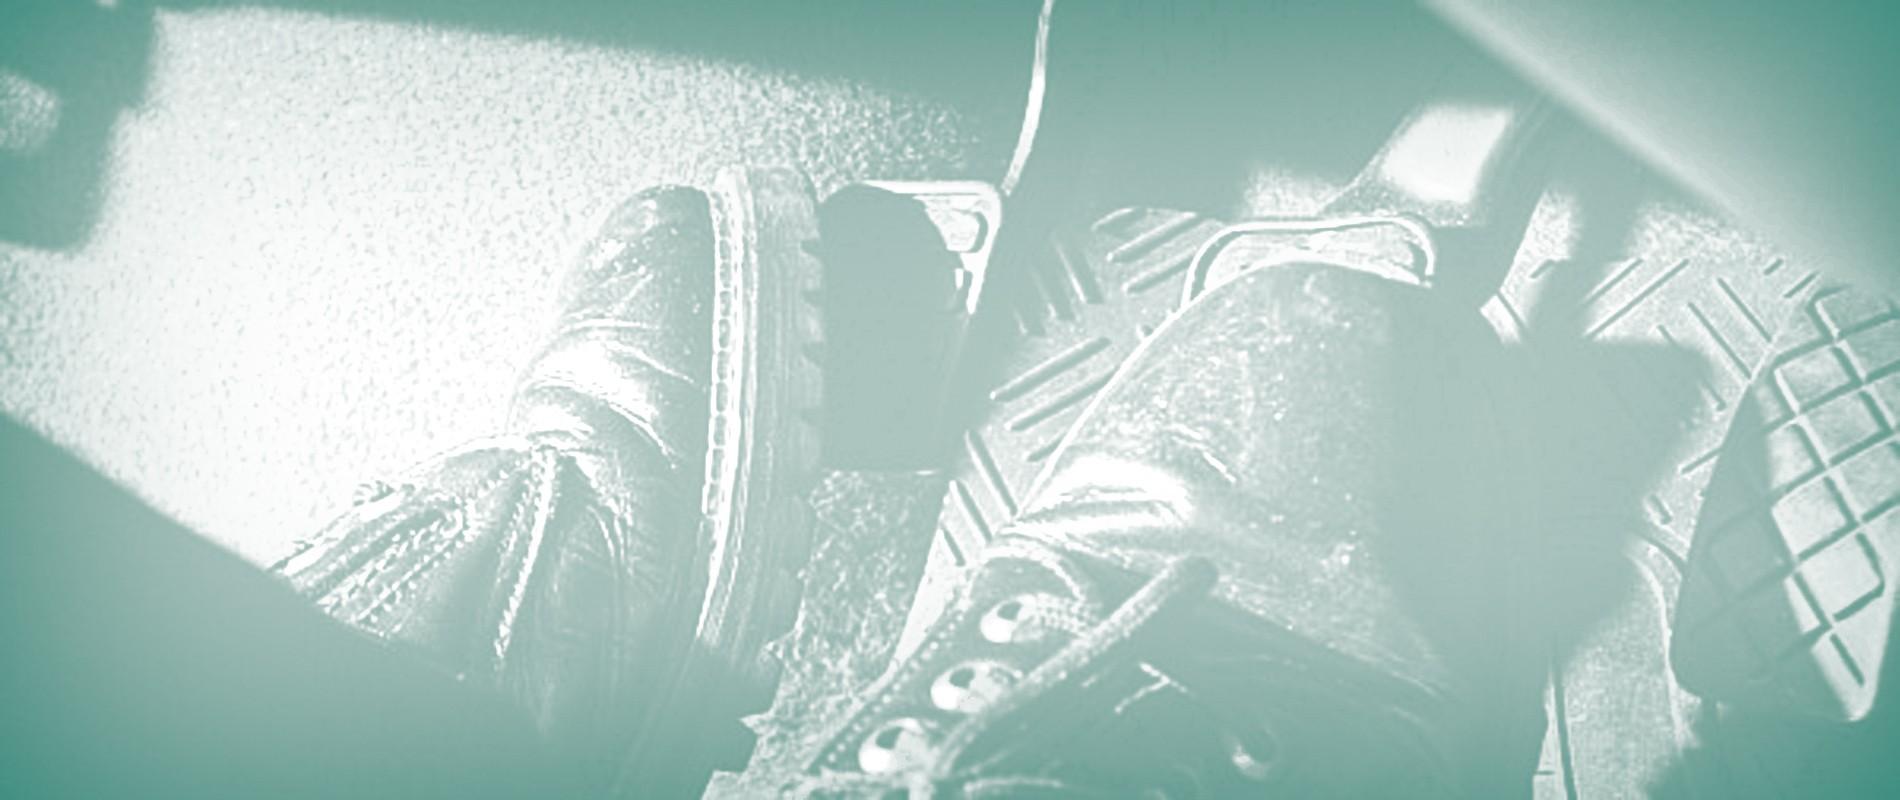 alvi4 S‹o Paulo 19/02/09 - JORNAL DO CARRO - VICIOS AO DIRIGIR - Vicios ao dirigir. Na foto pŽs no freio e na embreagem. FOTO ANDRE LESSA/AE.